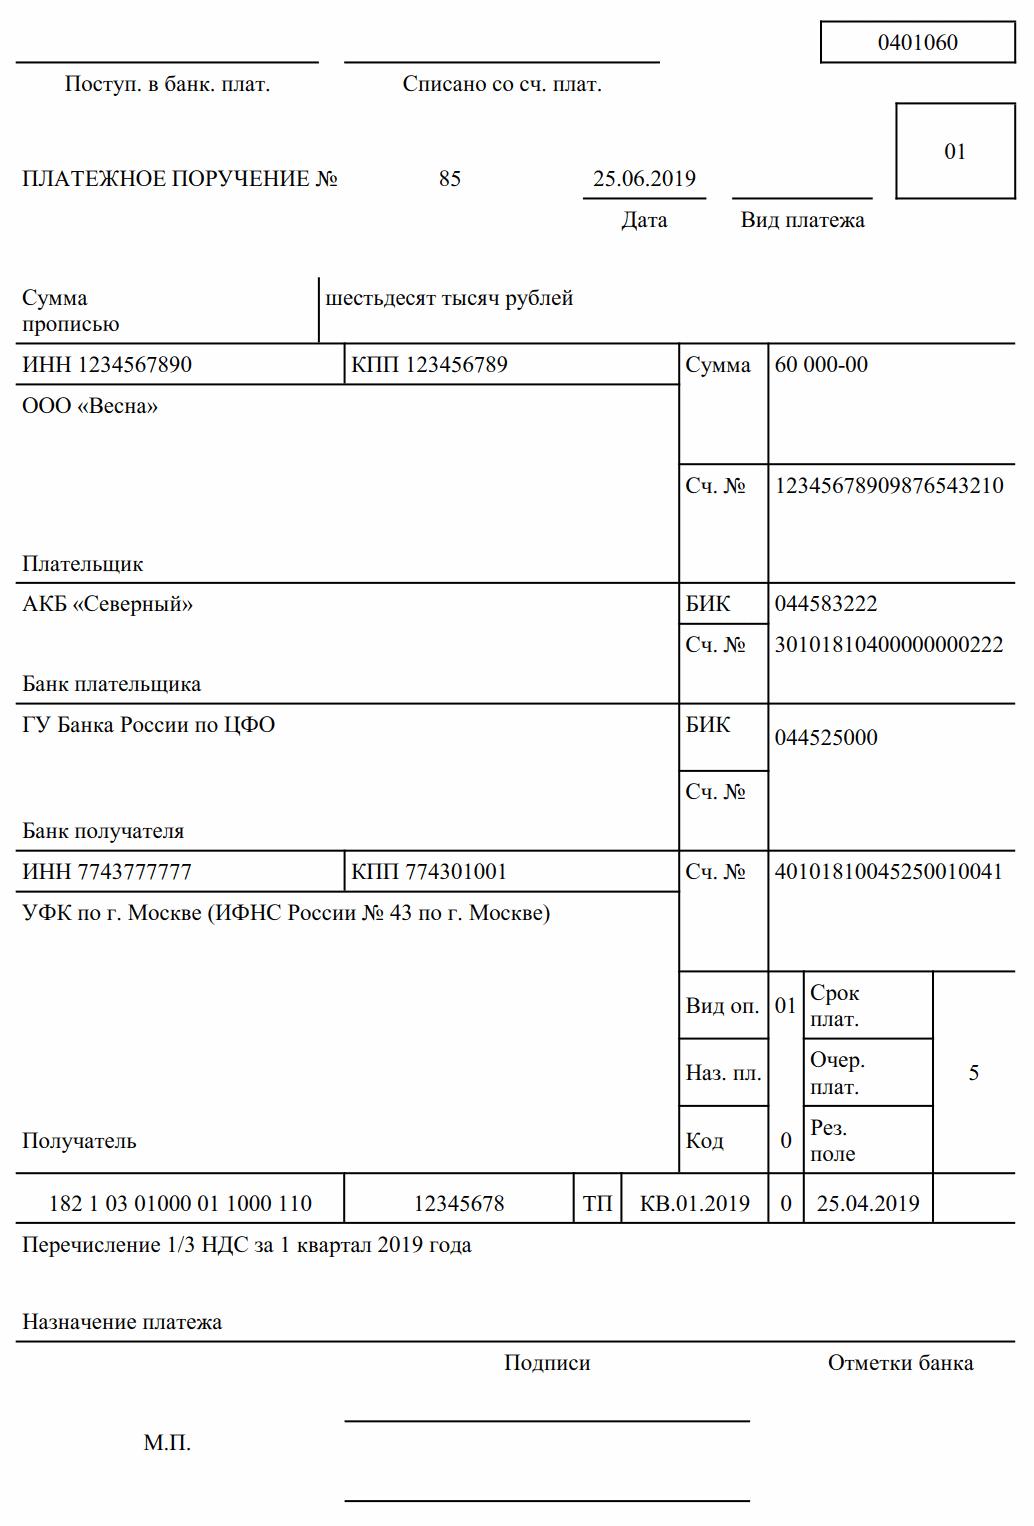 Сколько дивиденды и когда выплаты газпром 2019